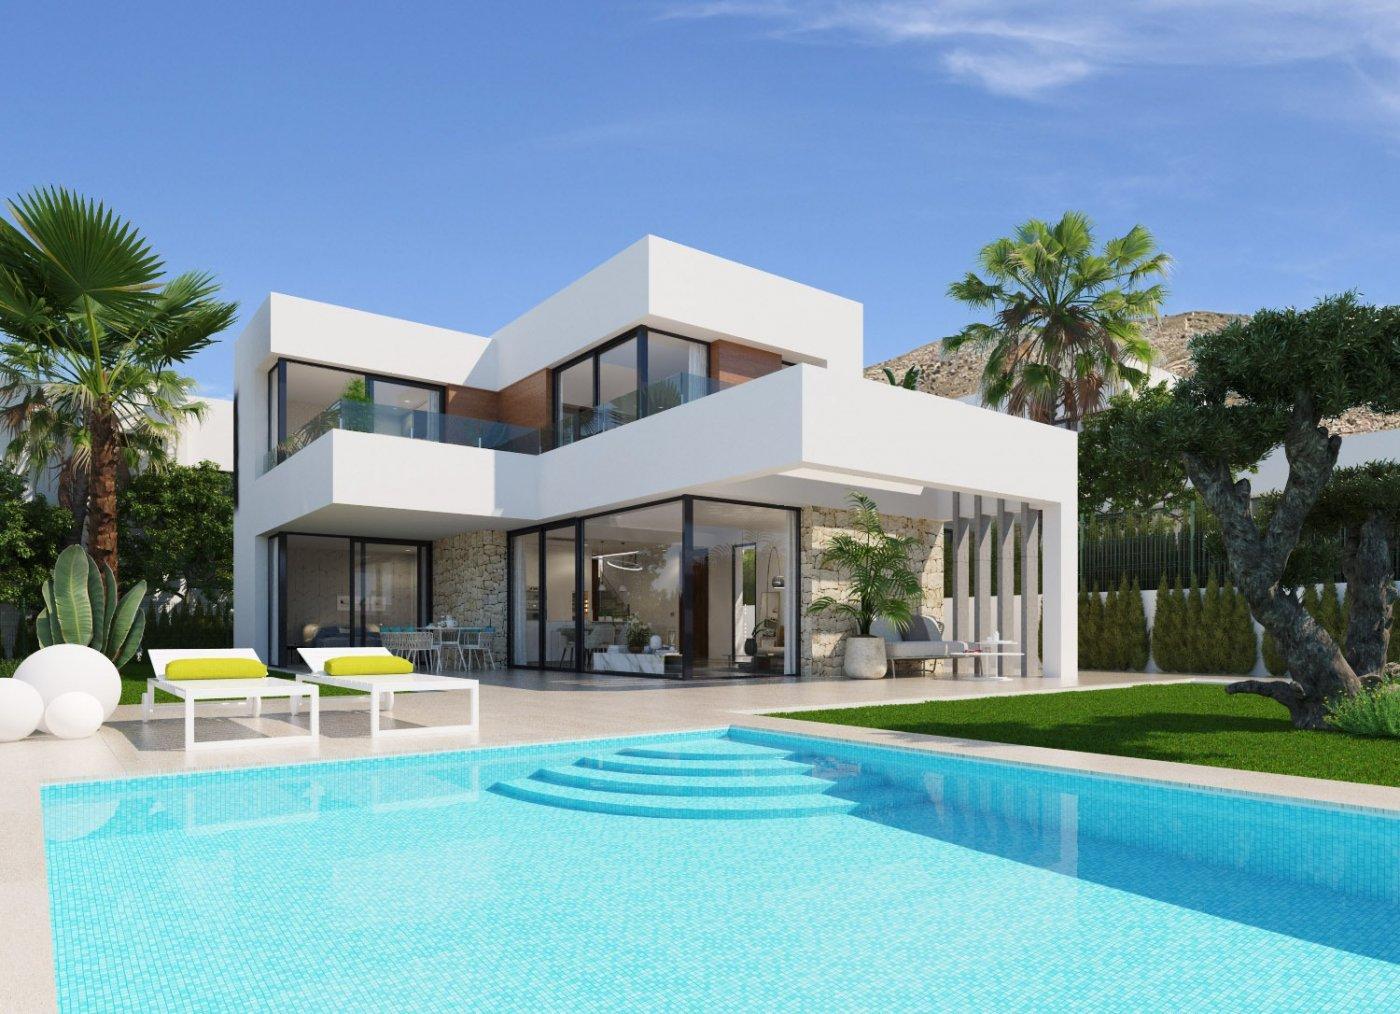 Villas de obra nueva modernas con vistas al mar en sierra cortina - imagenInmueble2